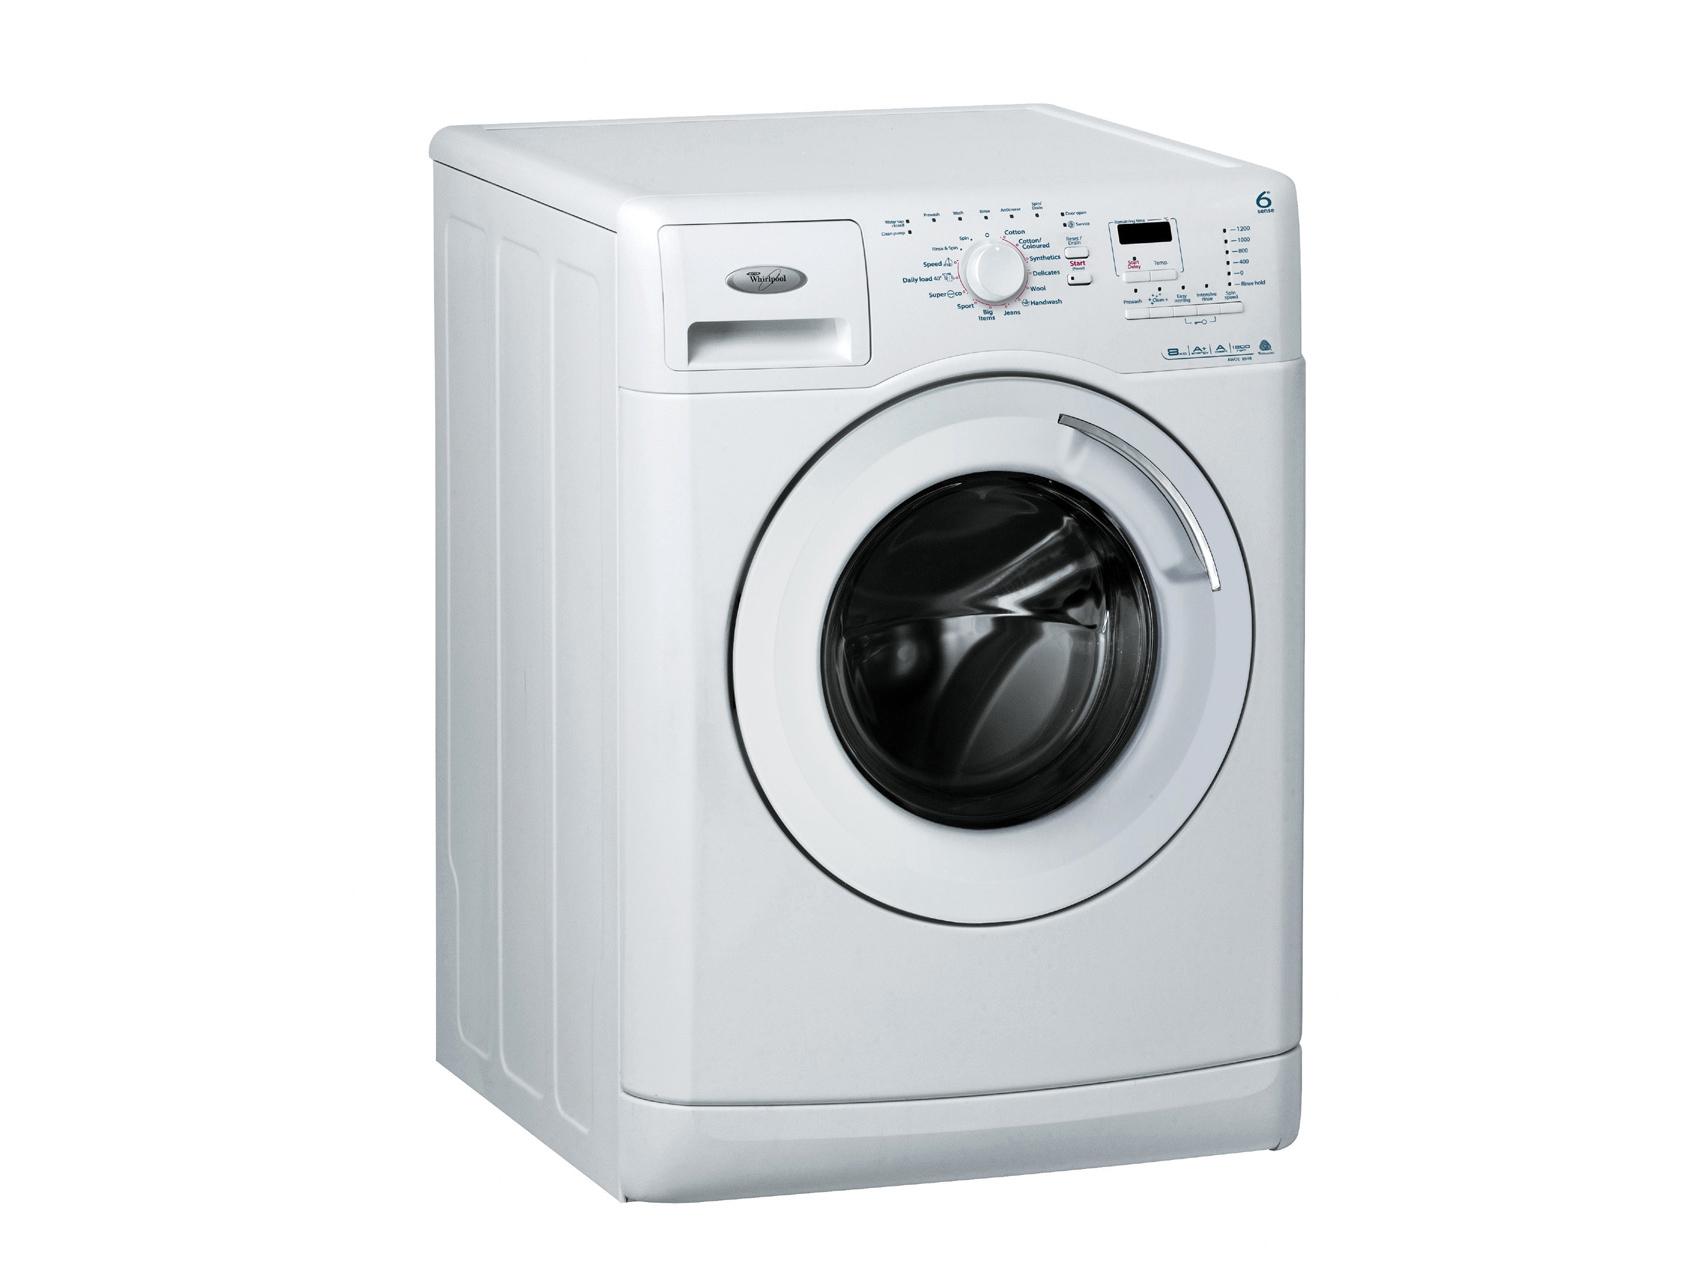 TheCubicleus  Washing Machine  CubeShaped Objects